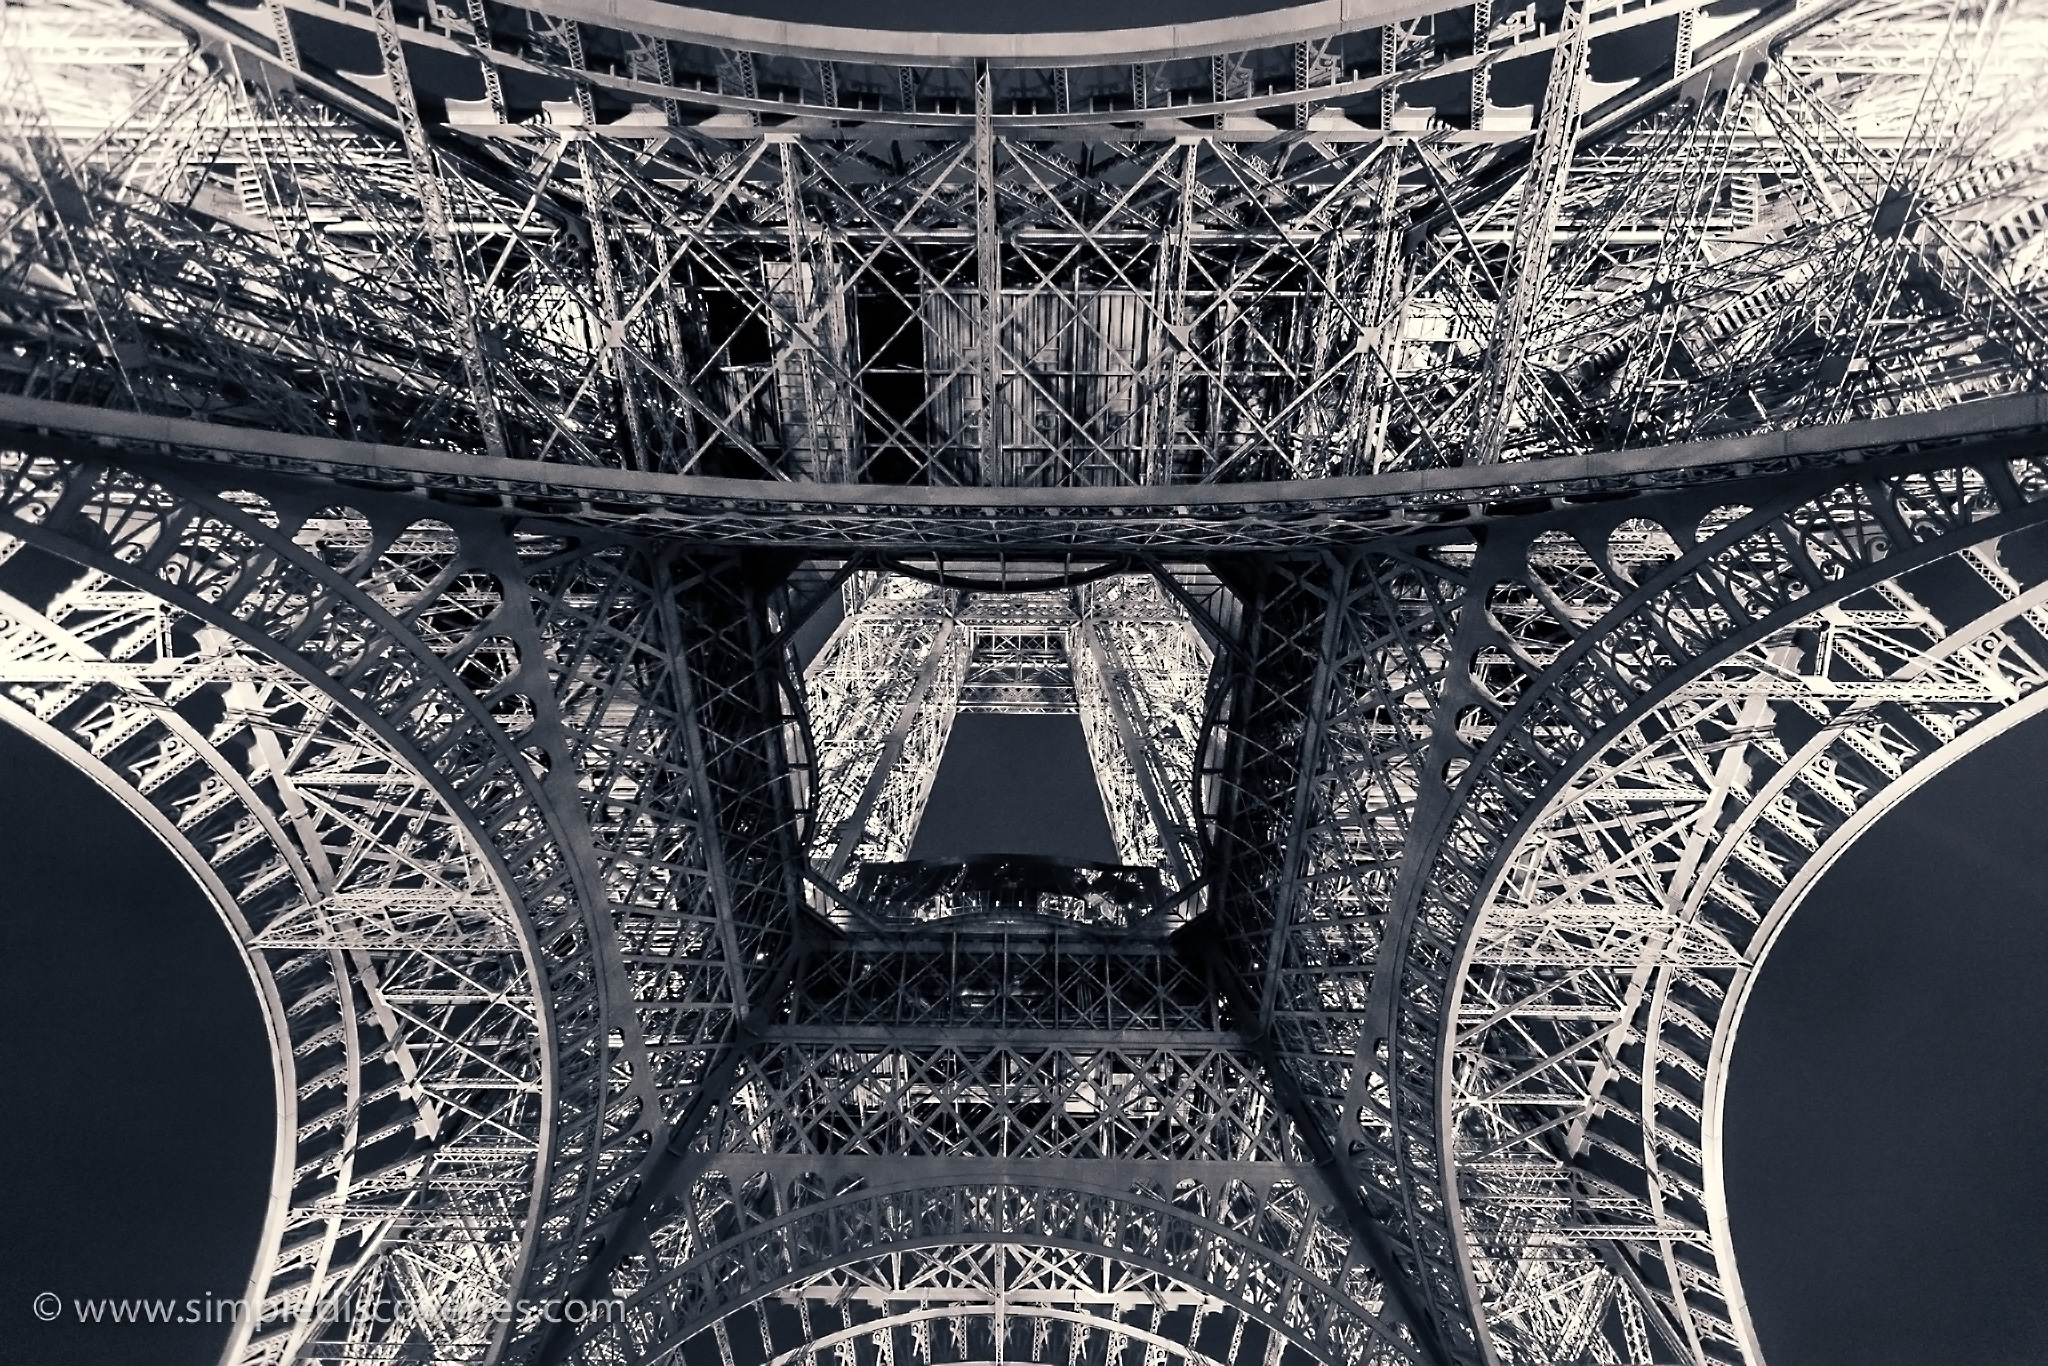 under_eiffel_tower_paris